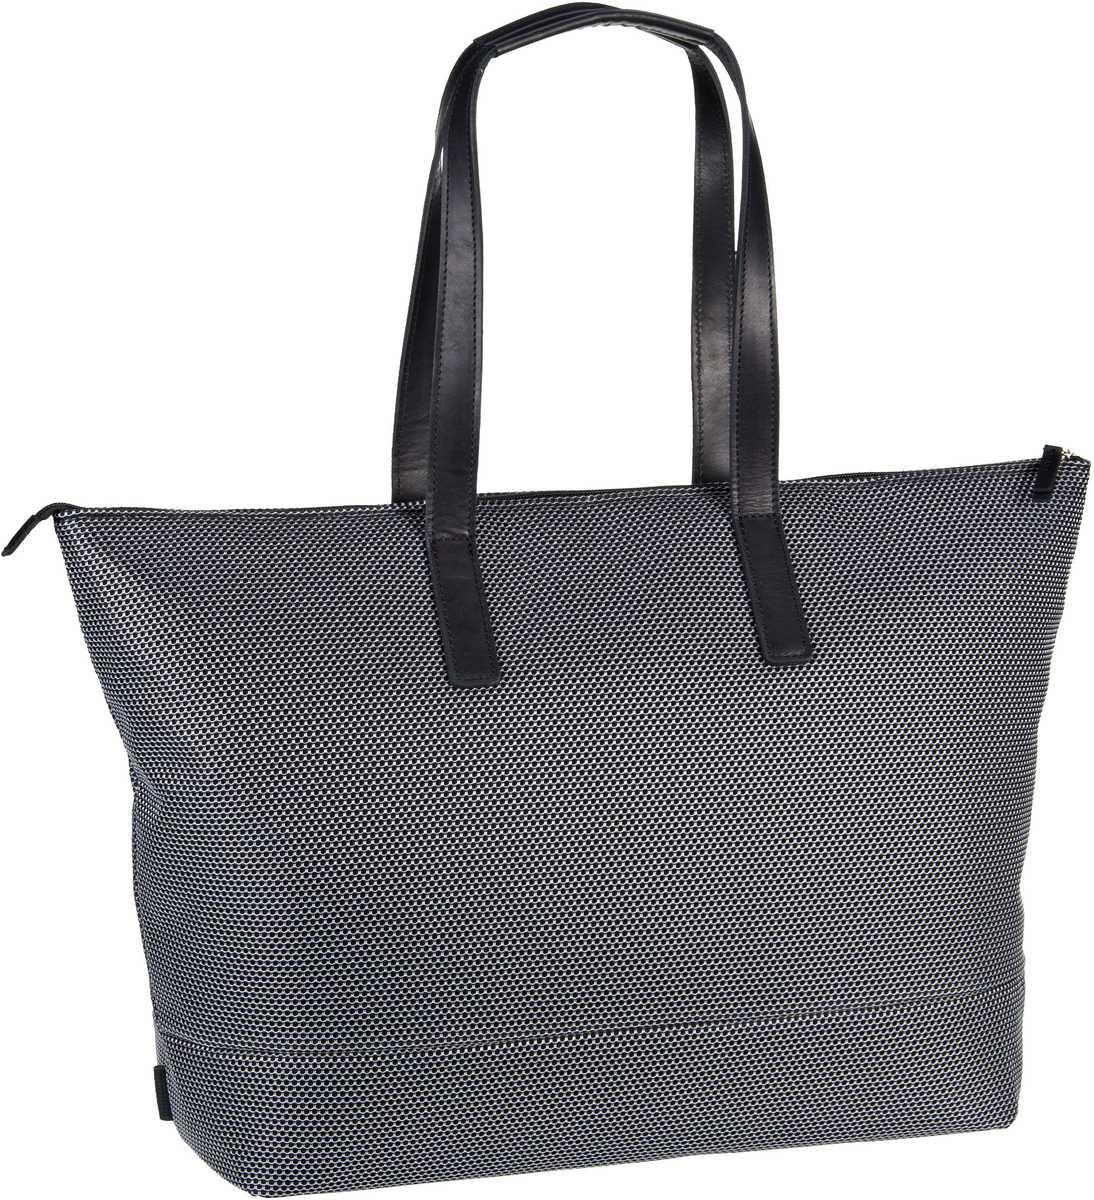 Handtasche Mesh 6183 Shopper Silber